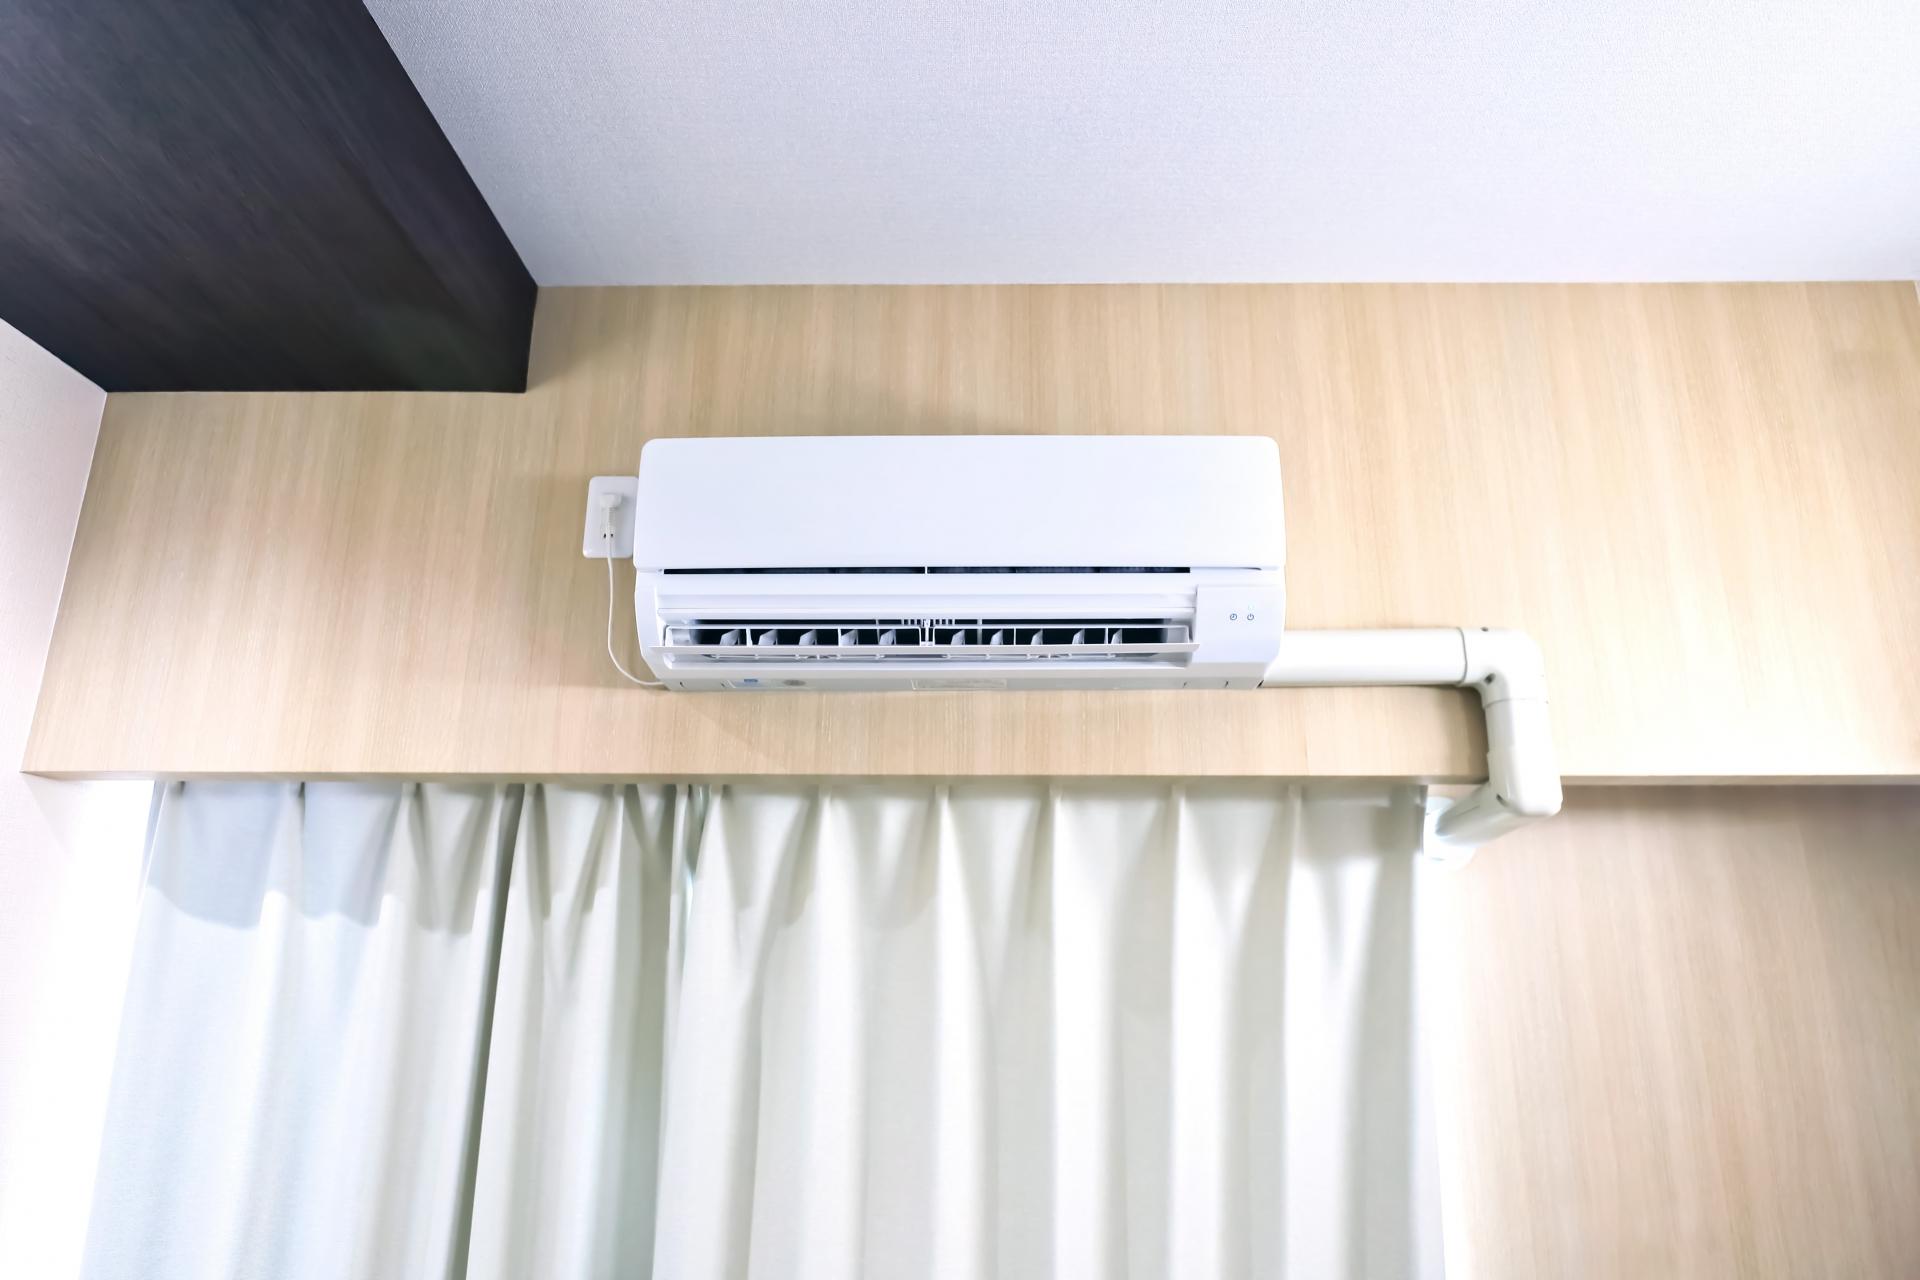 エアコンを設置するときに注意するべき2つのポイントとは?